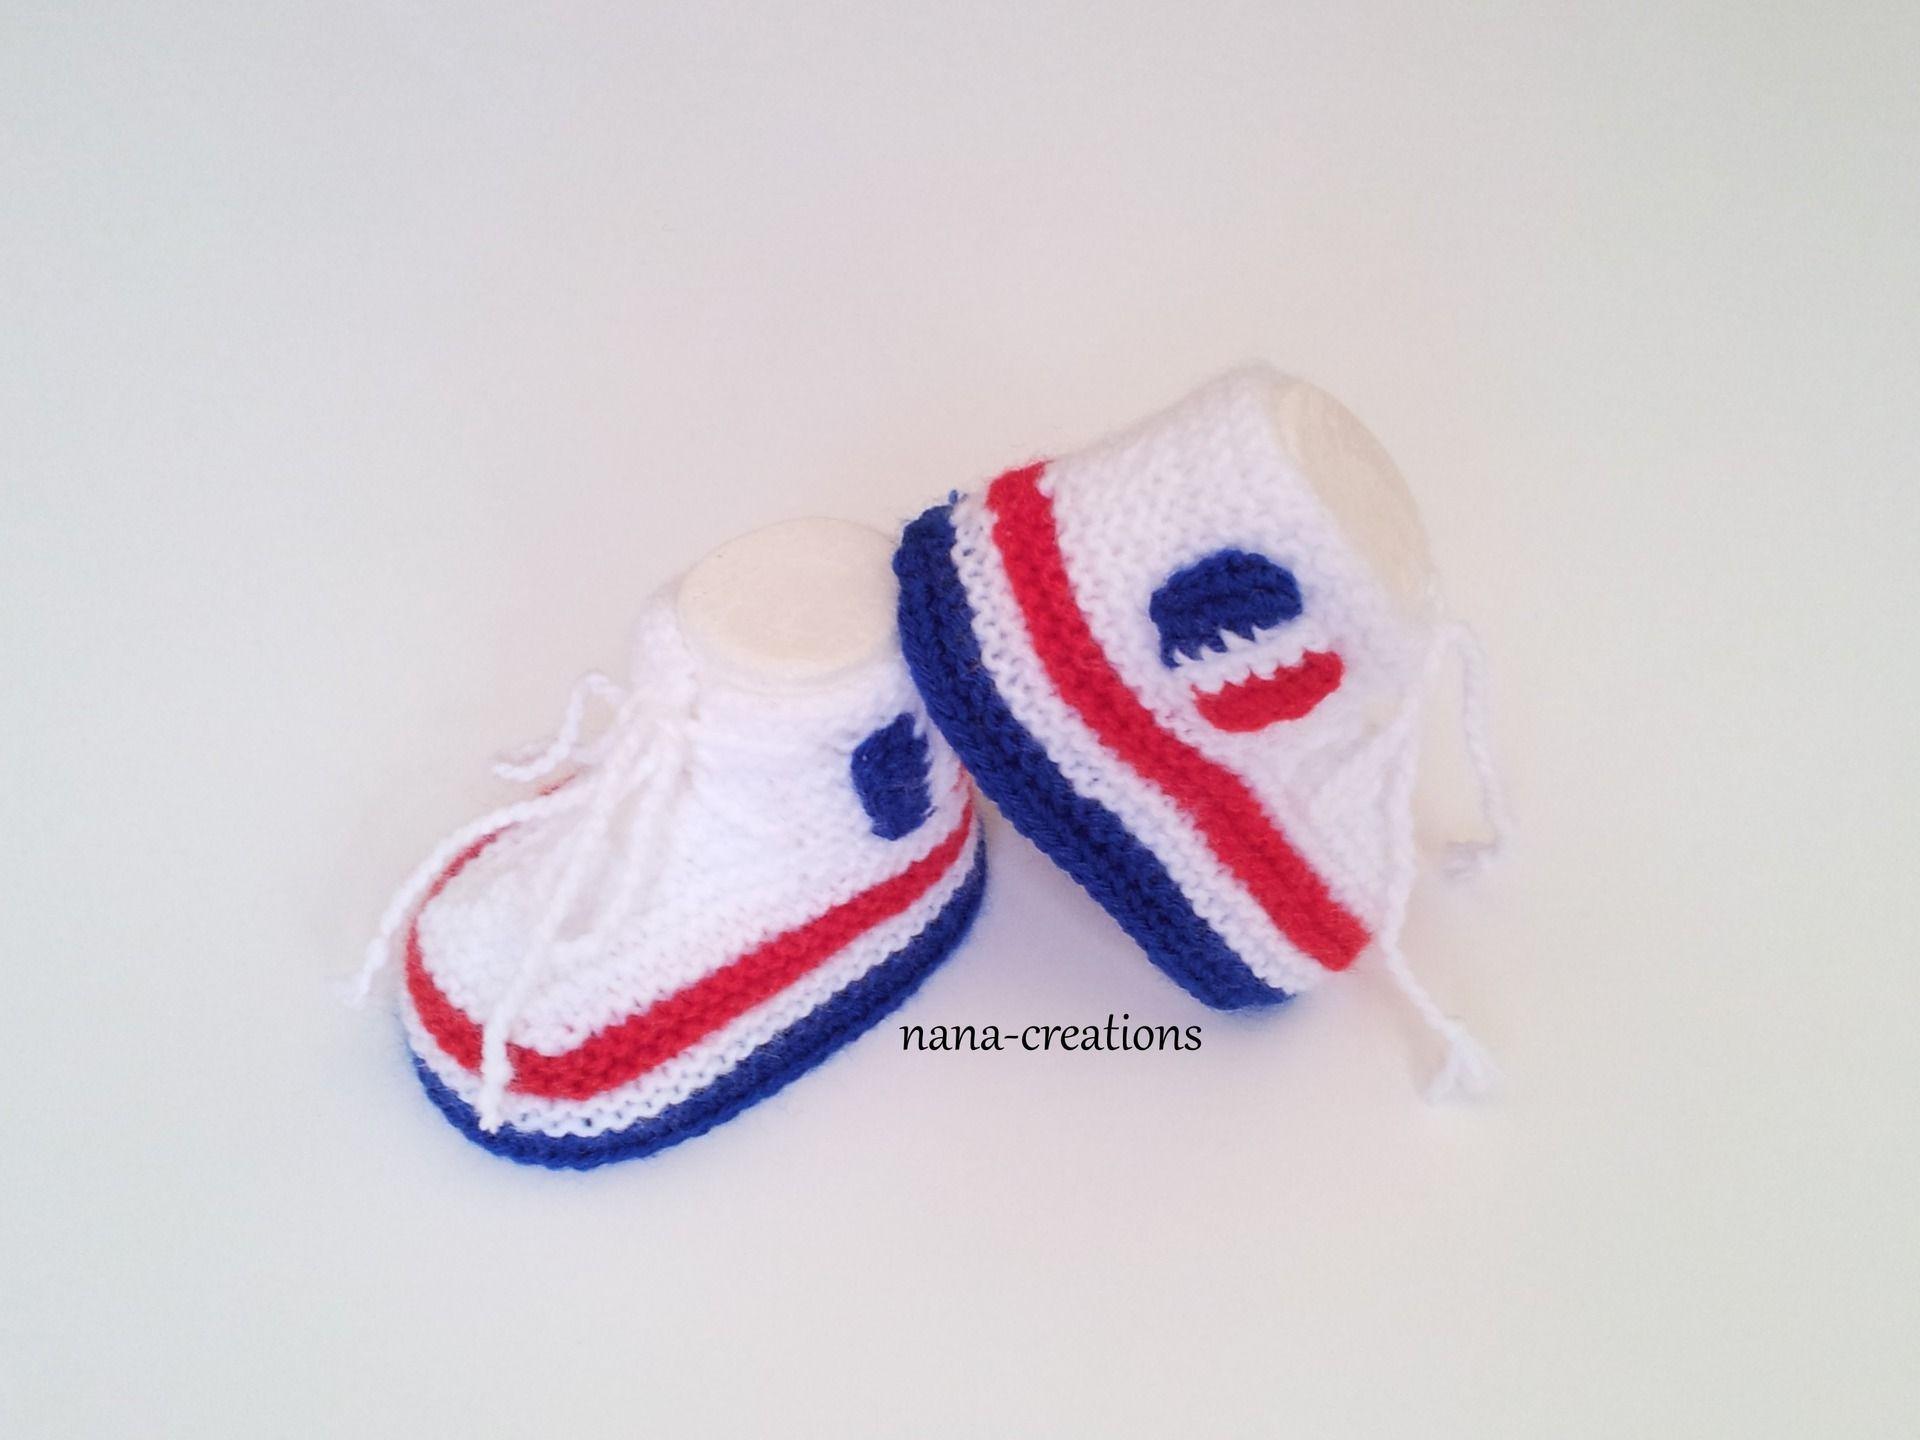 Chaussons bébé forme baskets tricotés en laine bleu blanc rouge France Foot  Euro 2016. 0 3 mois.   Mode Bébé par nana-creations 3733f0f5aae